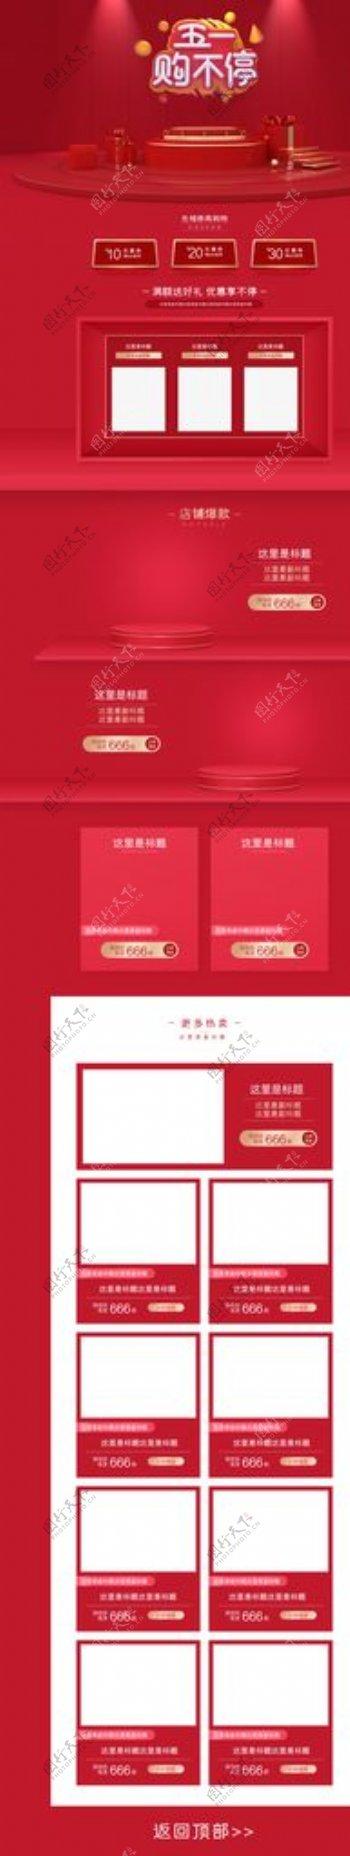 红色大气618购物节首页设计图片